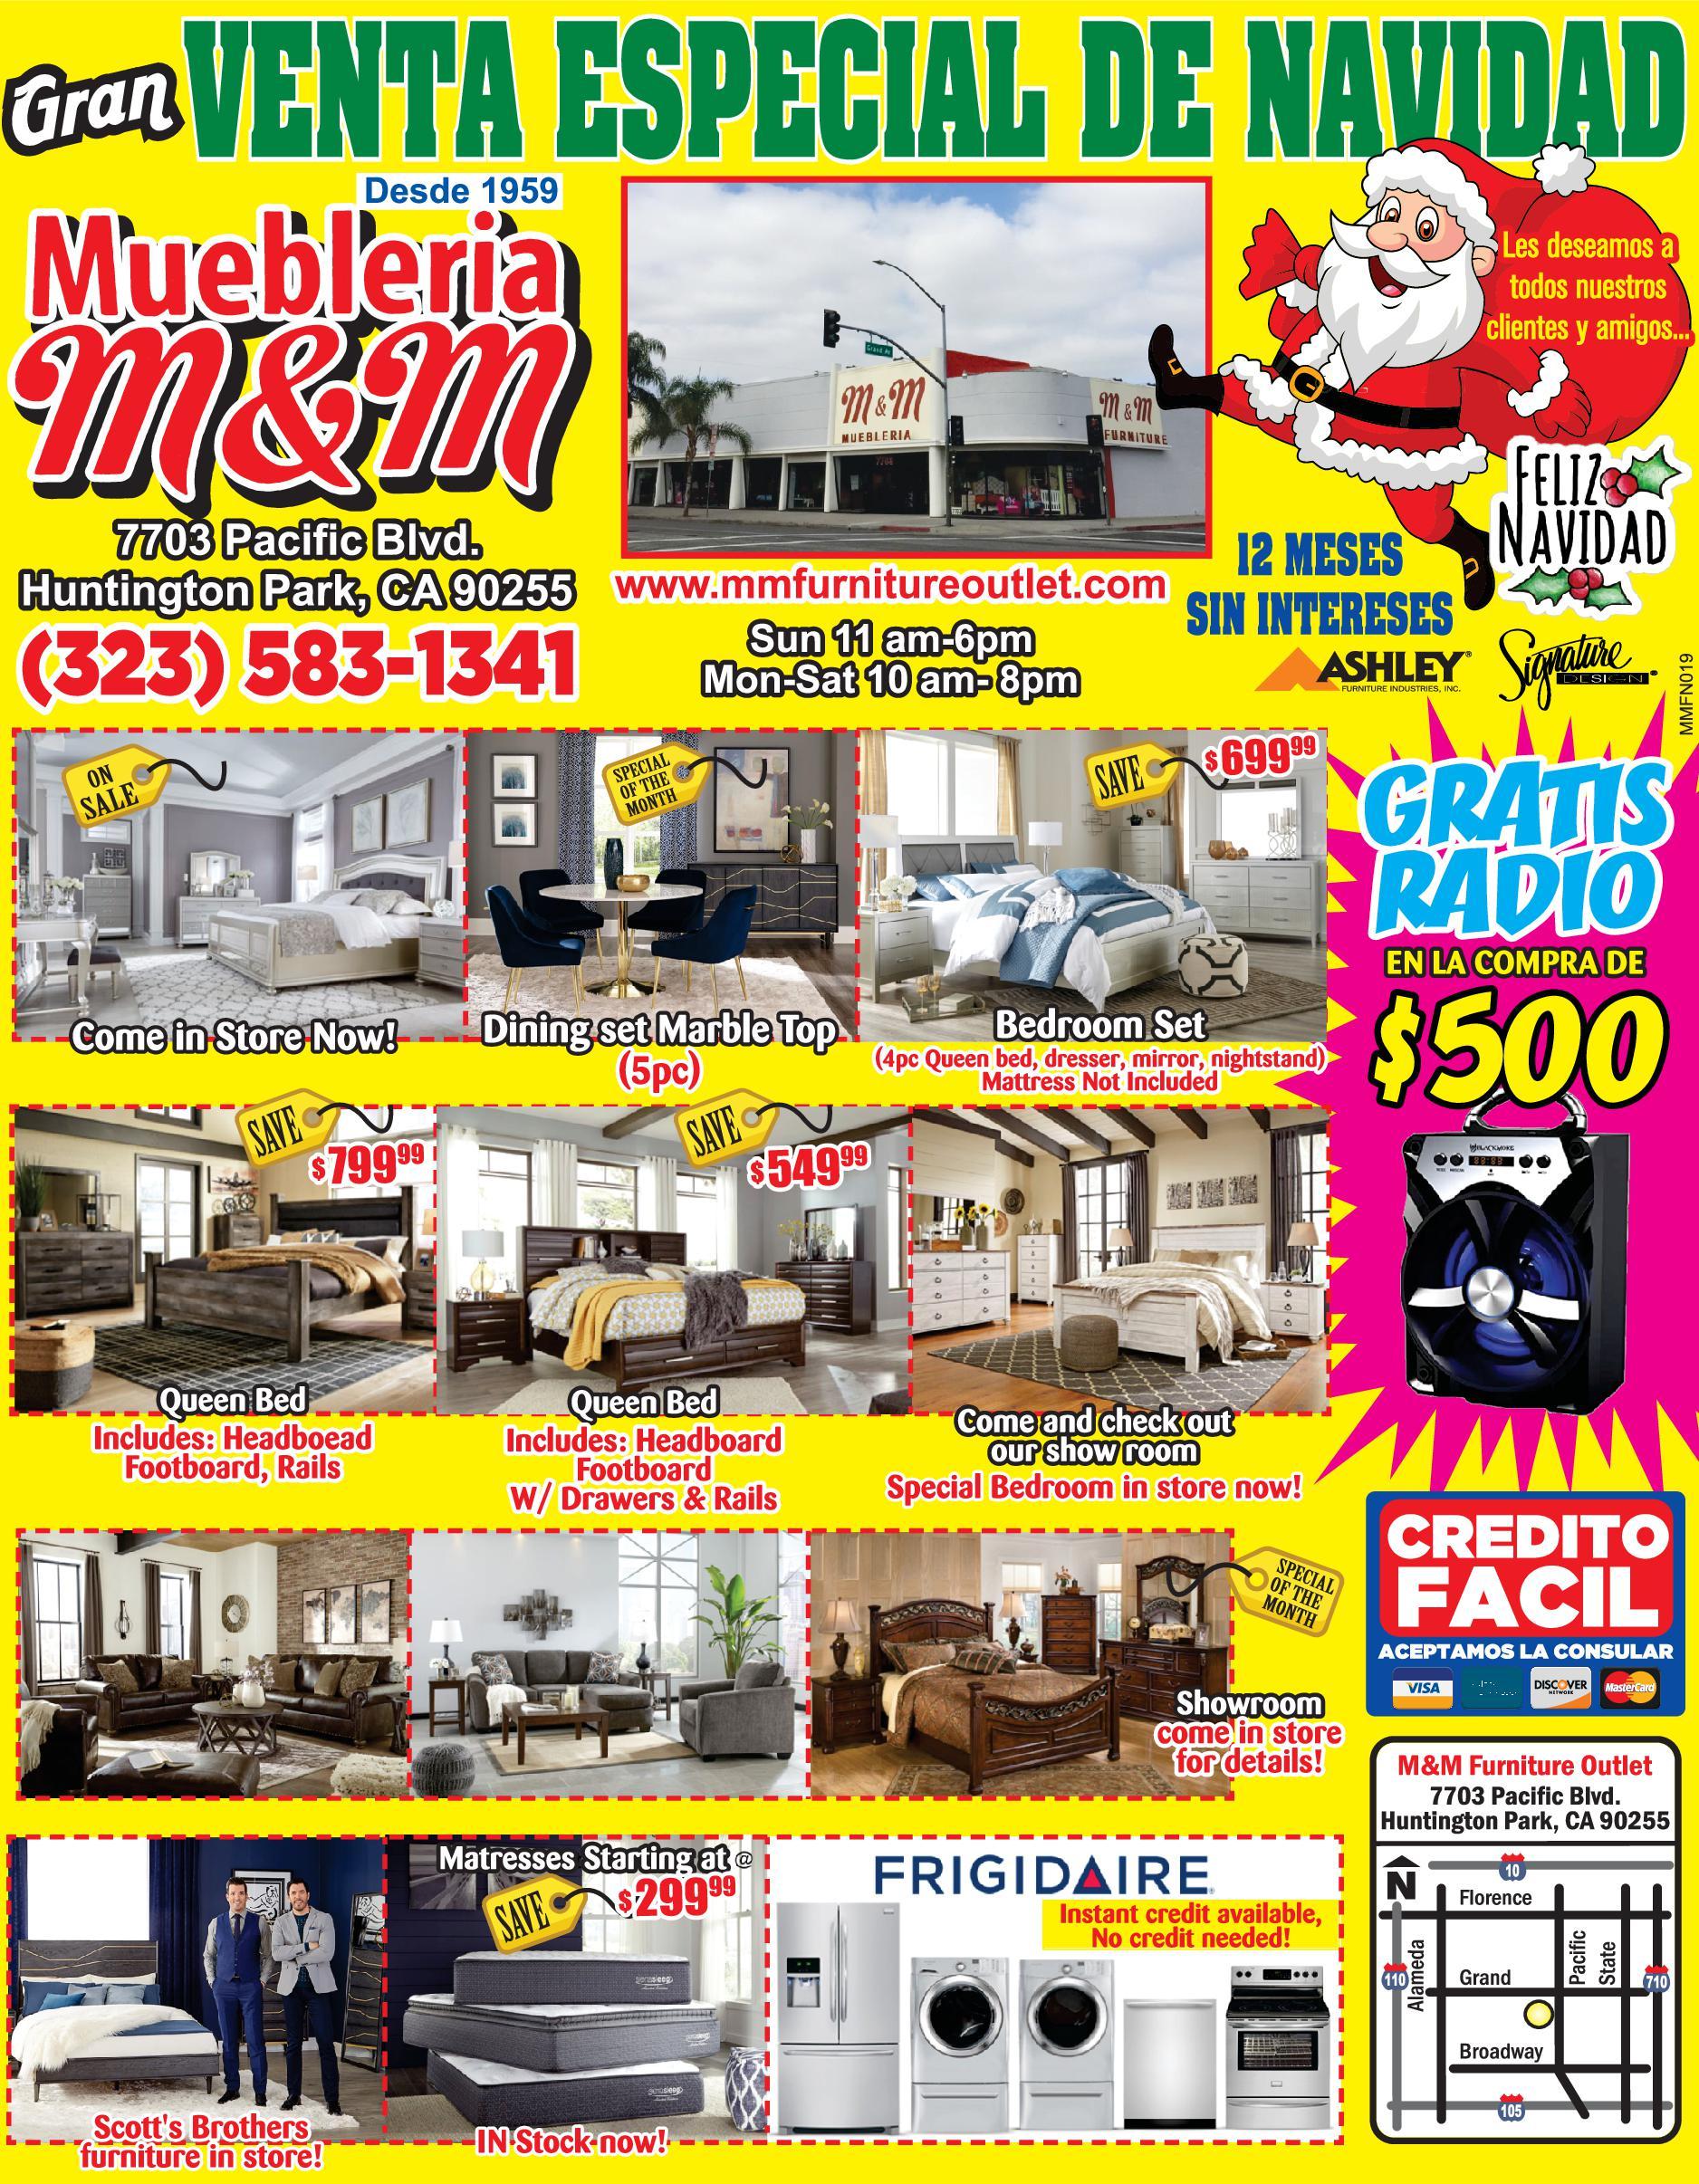 M & M Furniture